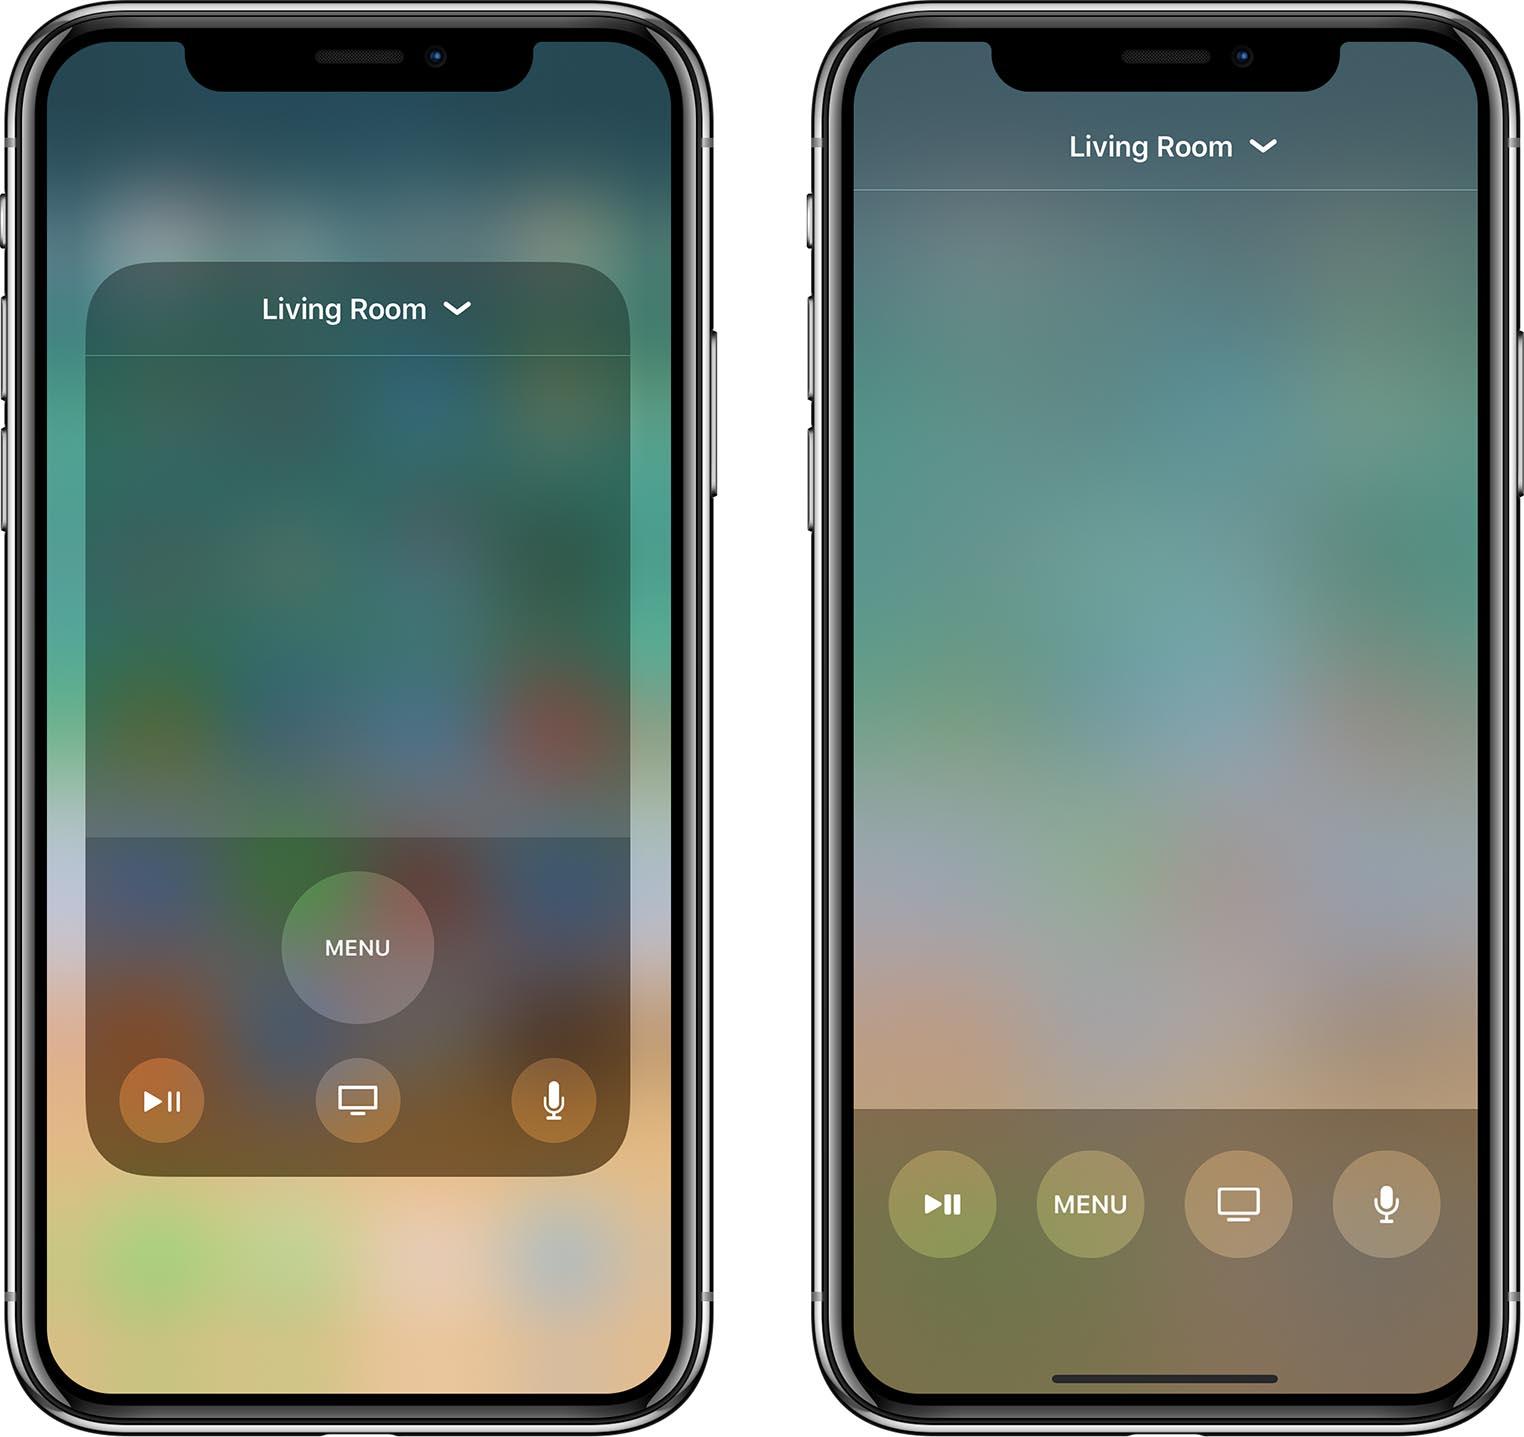 iOS 12.2 Remote